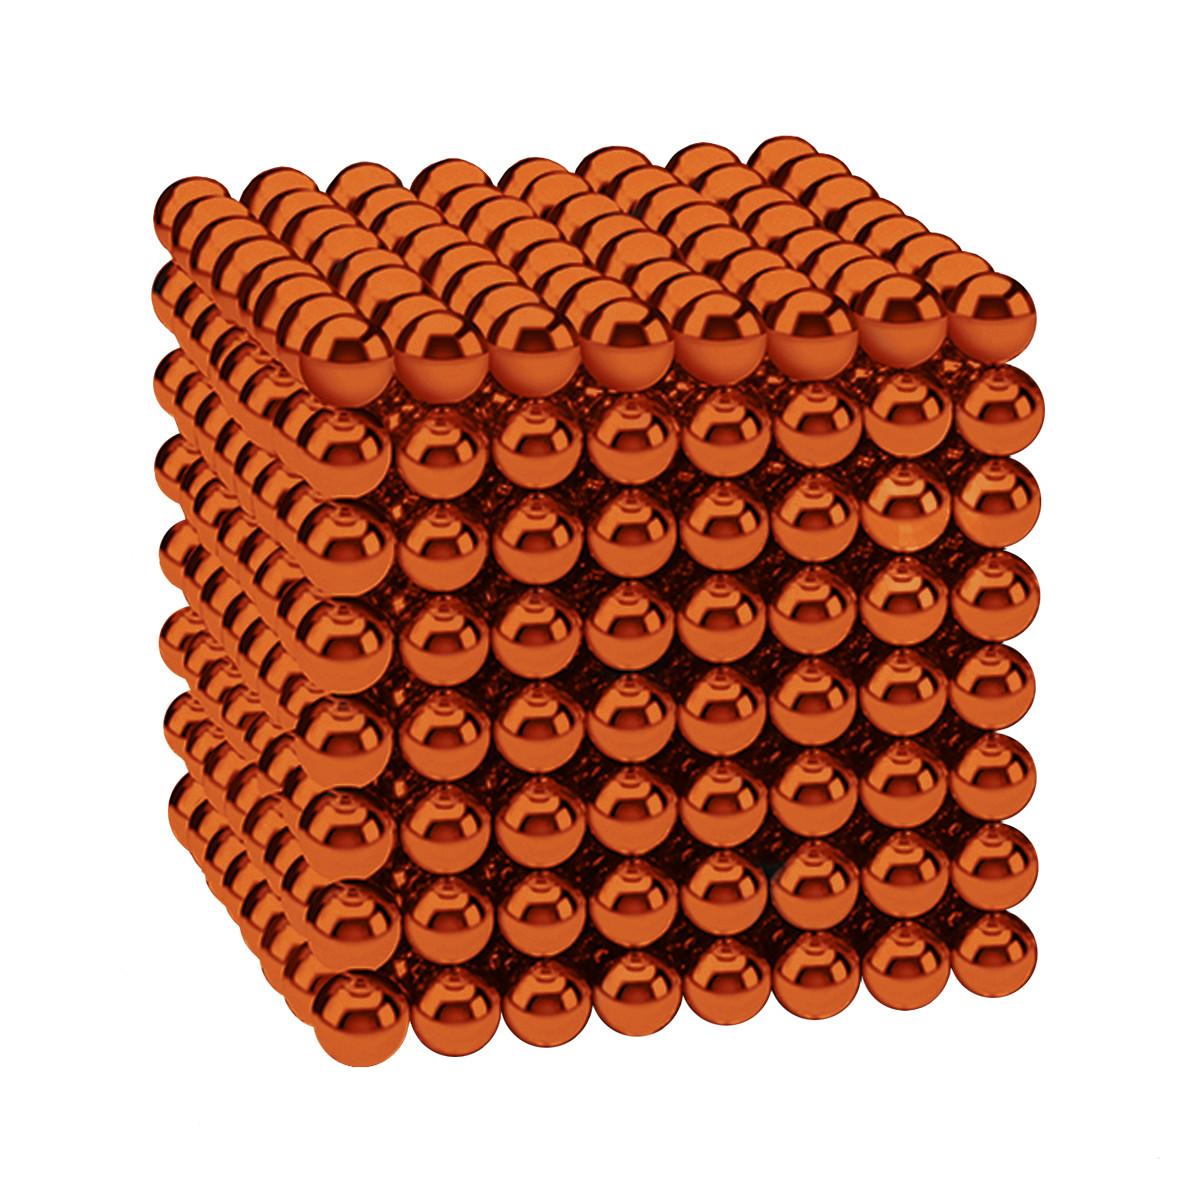 Магнітні кульки-головоломка SKY NEOCUBE (D5) комплект (512 шт) Orange